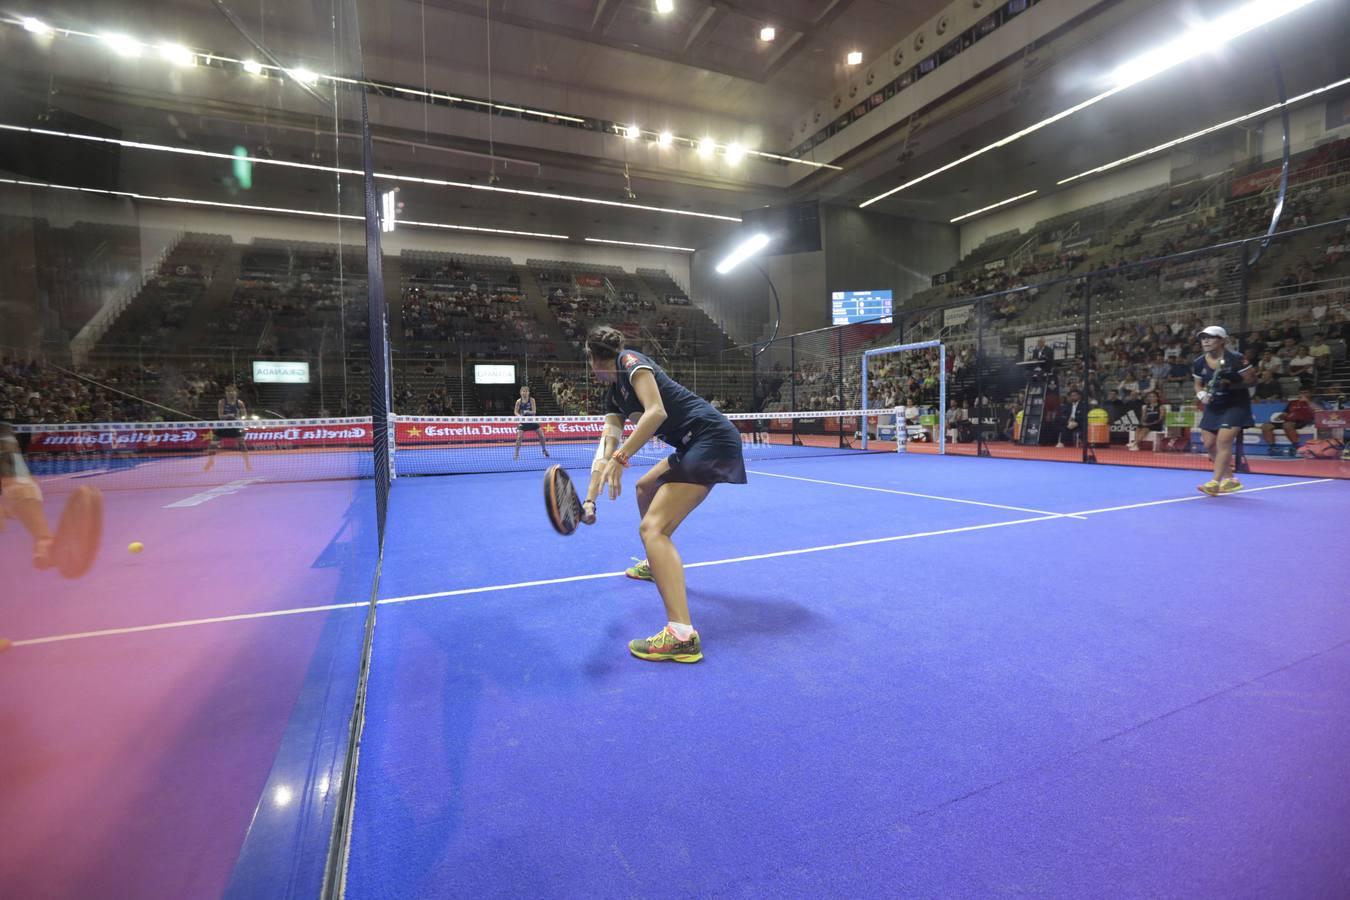 La final femenina del Granada Open, en imágenes